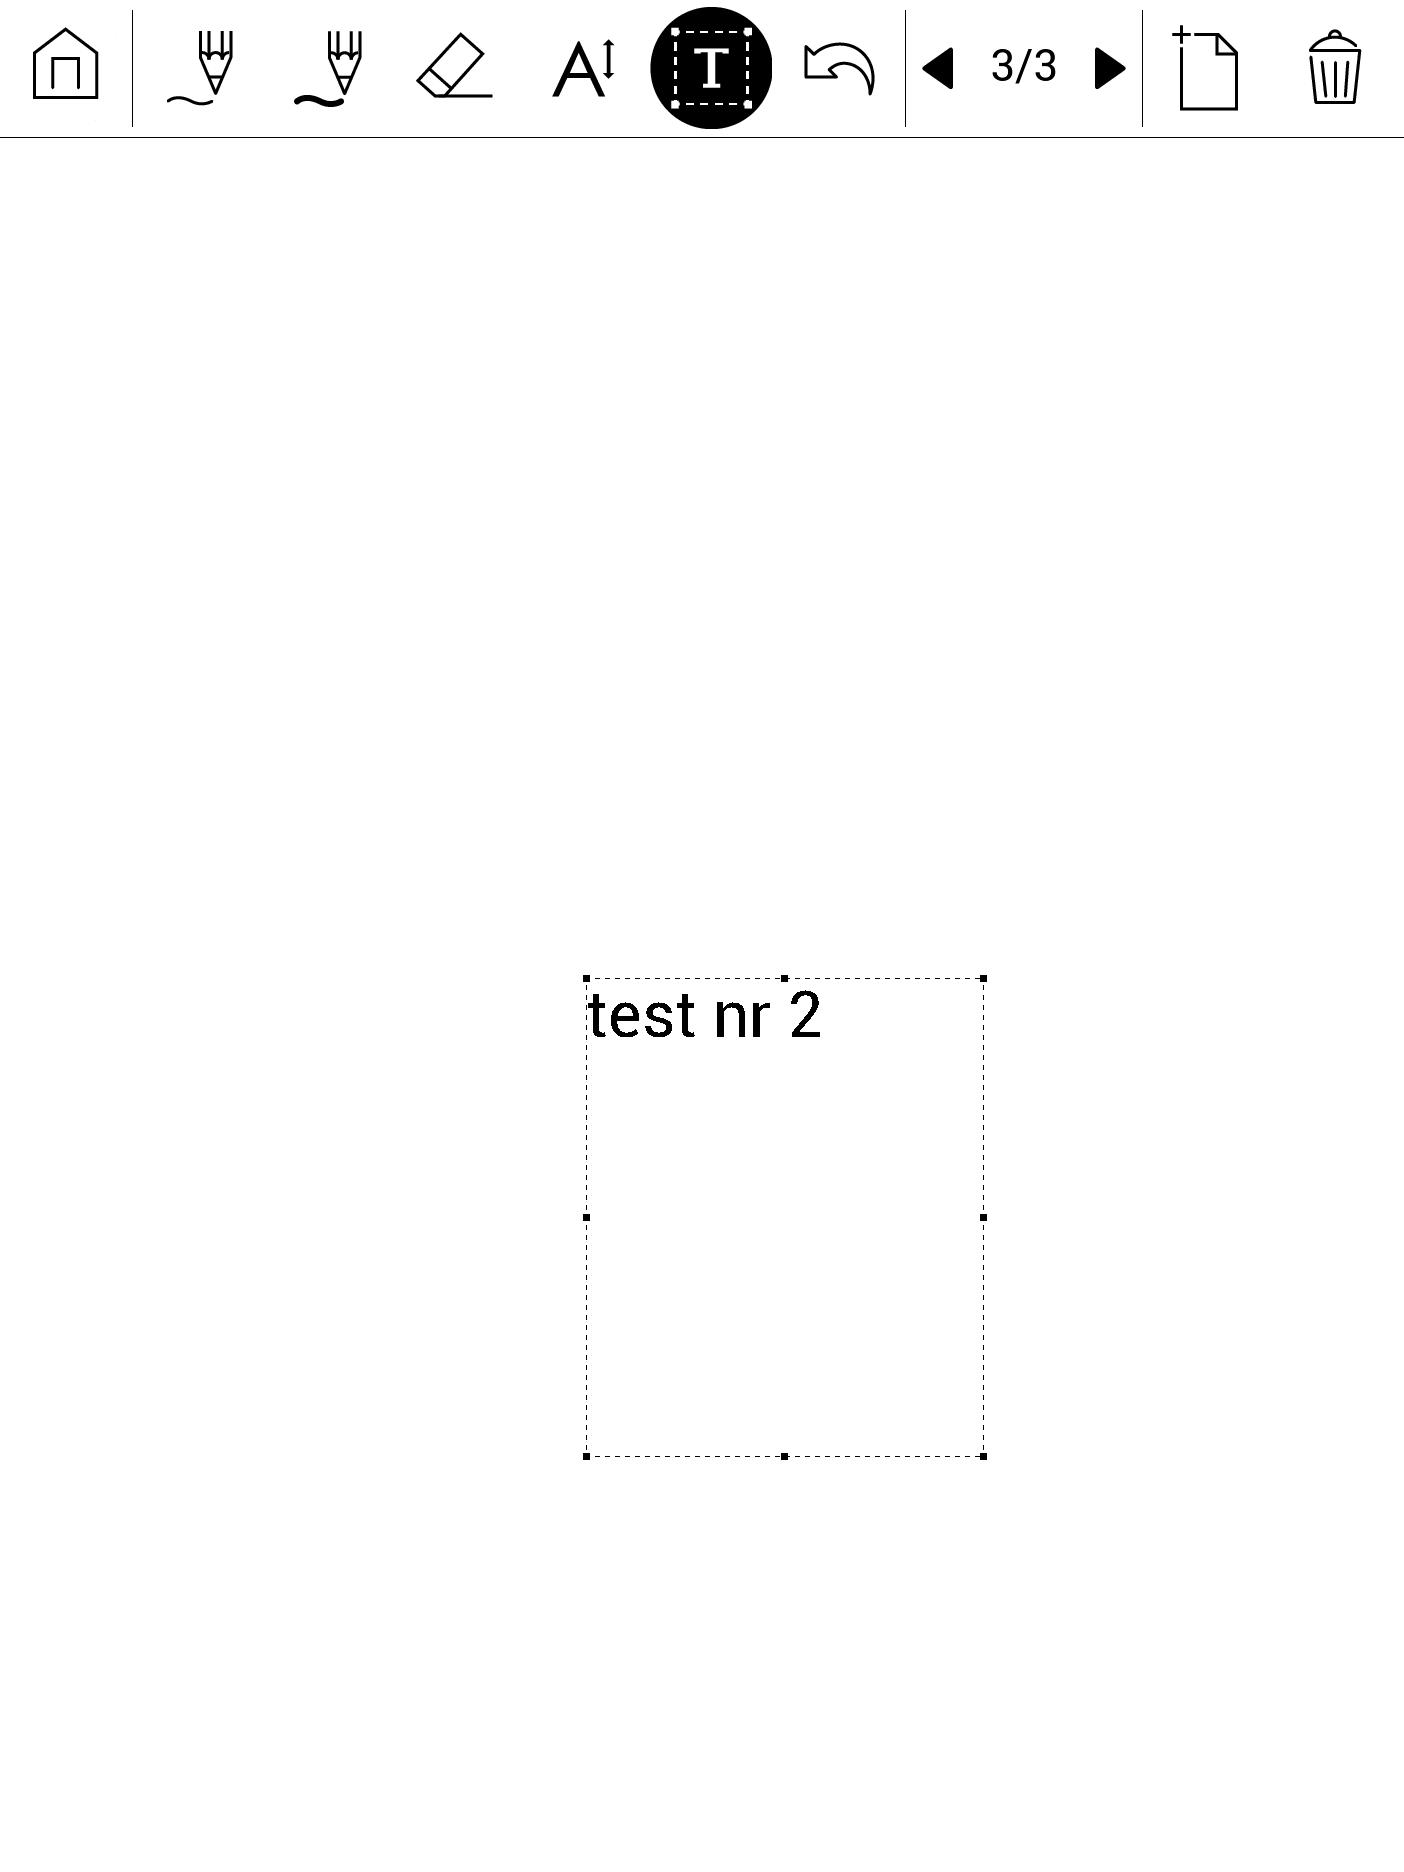 Wprowadzanie tekstu w usłudze odręcznych notatek na PocketBooku